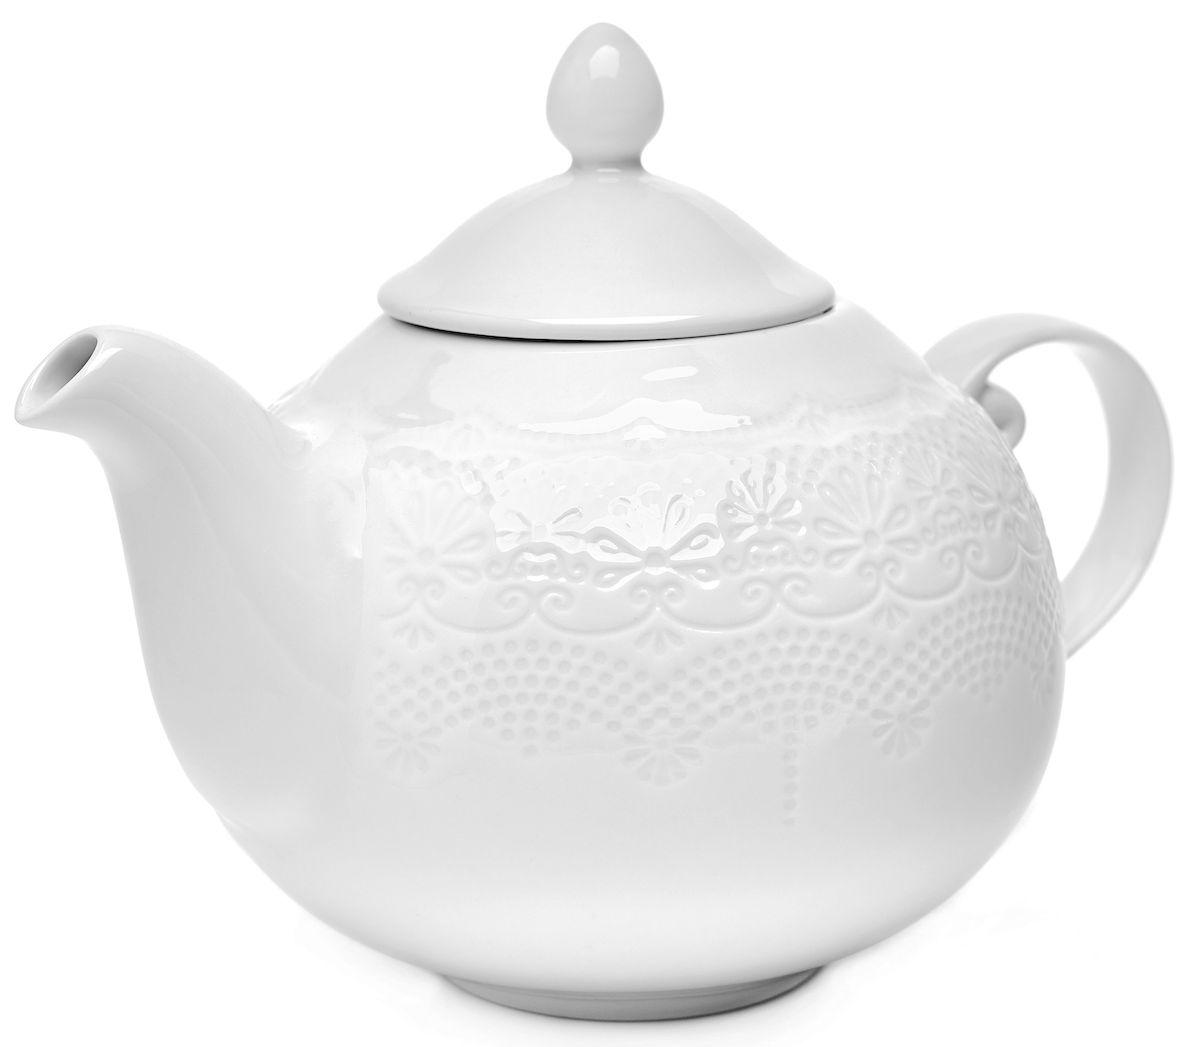 Чайник заварочный Walmer Emily, 1 лW07680100Заварочный чайник Walmer Emily изготовлен из высококачественного фарфора. Изделие прекрасно подходит для заваривания вкусного и ароматного чая, травяных настоев. Оригинальный дизайн сделает чайник настоящим украшением стола. Он удобен в использовании и понравится каждому. Высота чайника (без учета крышки): 14,5 см.